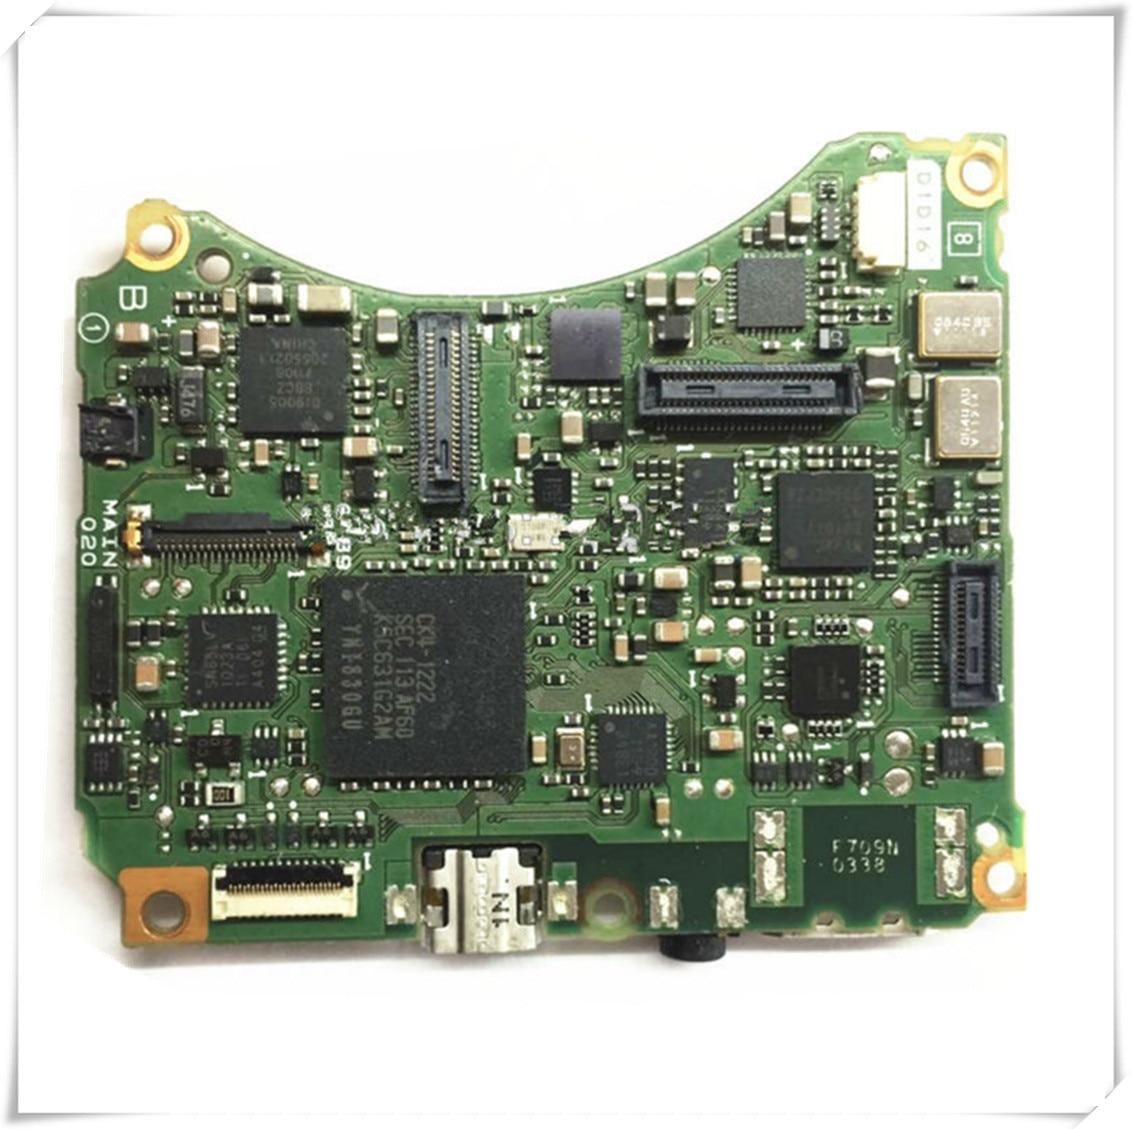 100% original motherboard for Canon G12 main board G12 mainboard use camera repair parts free shipping free shipping original x451m x451ma motherboard mainboard main board rev 2 1 60nb0490 mb2100 100